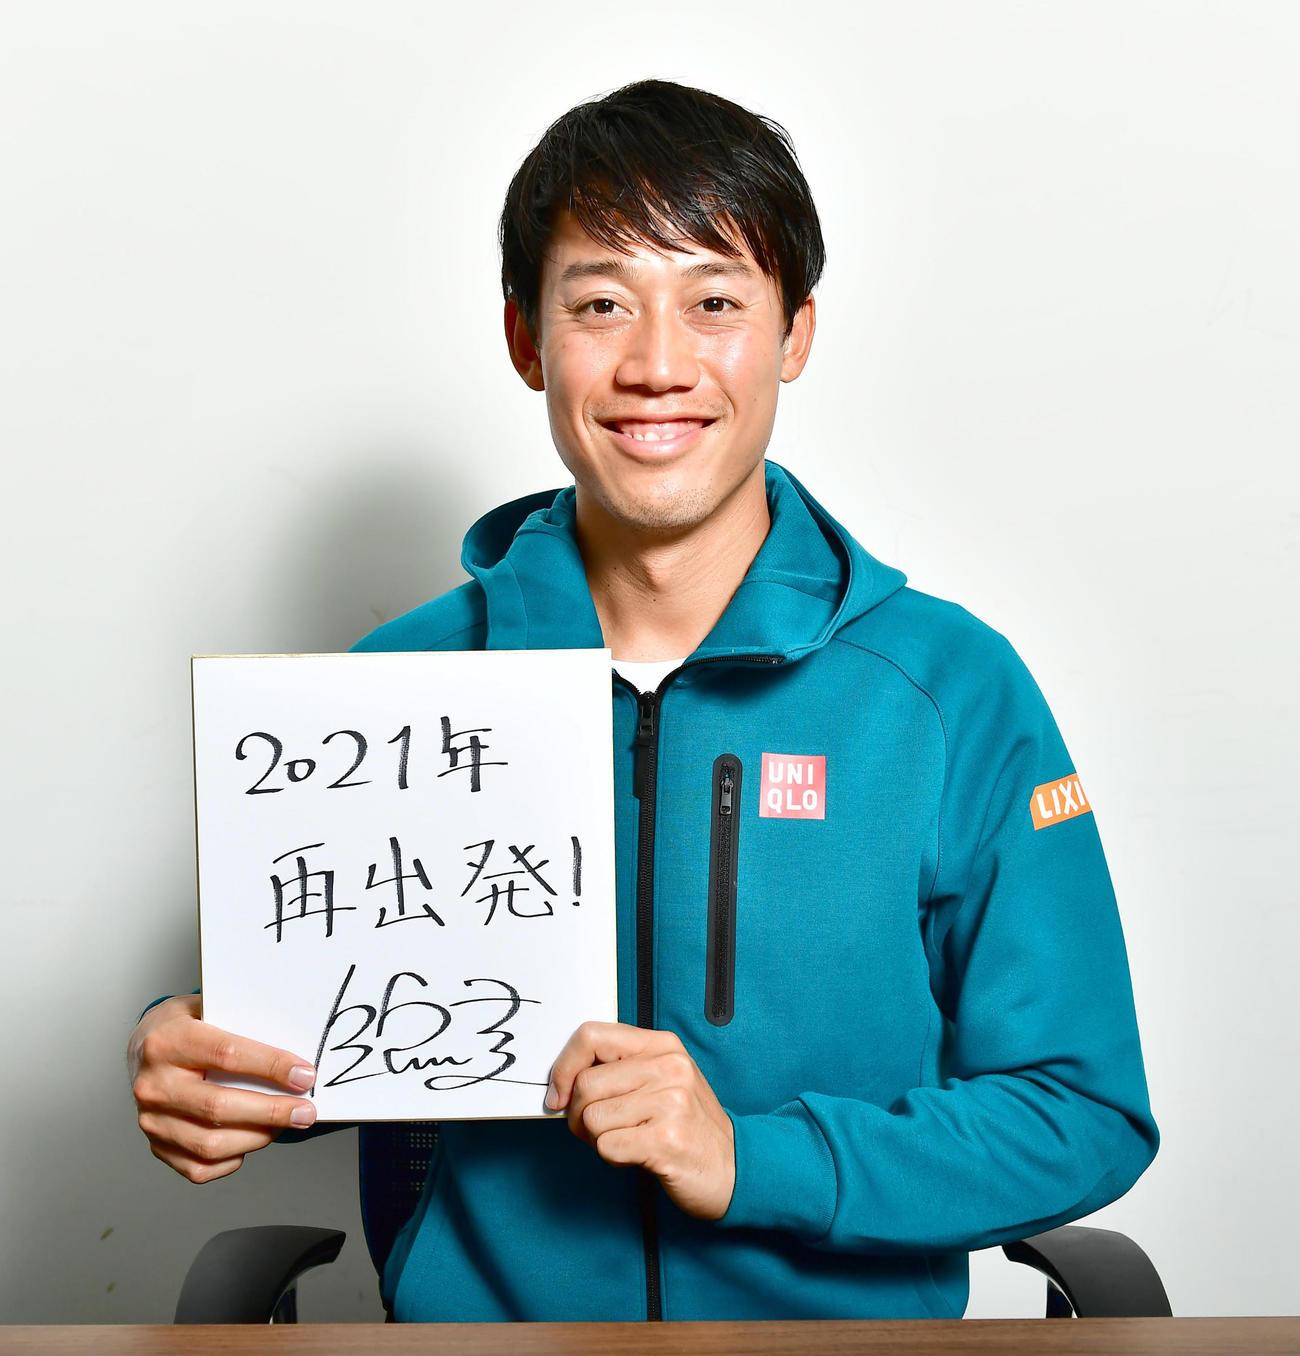 新年の目標を「再出発!」と記した色紙を手に笑顔を見せる錦織(撮影・小沢裕)